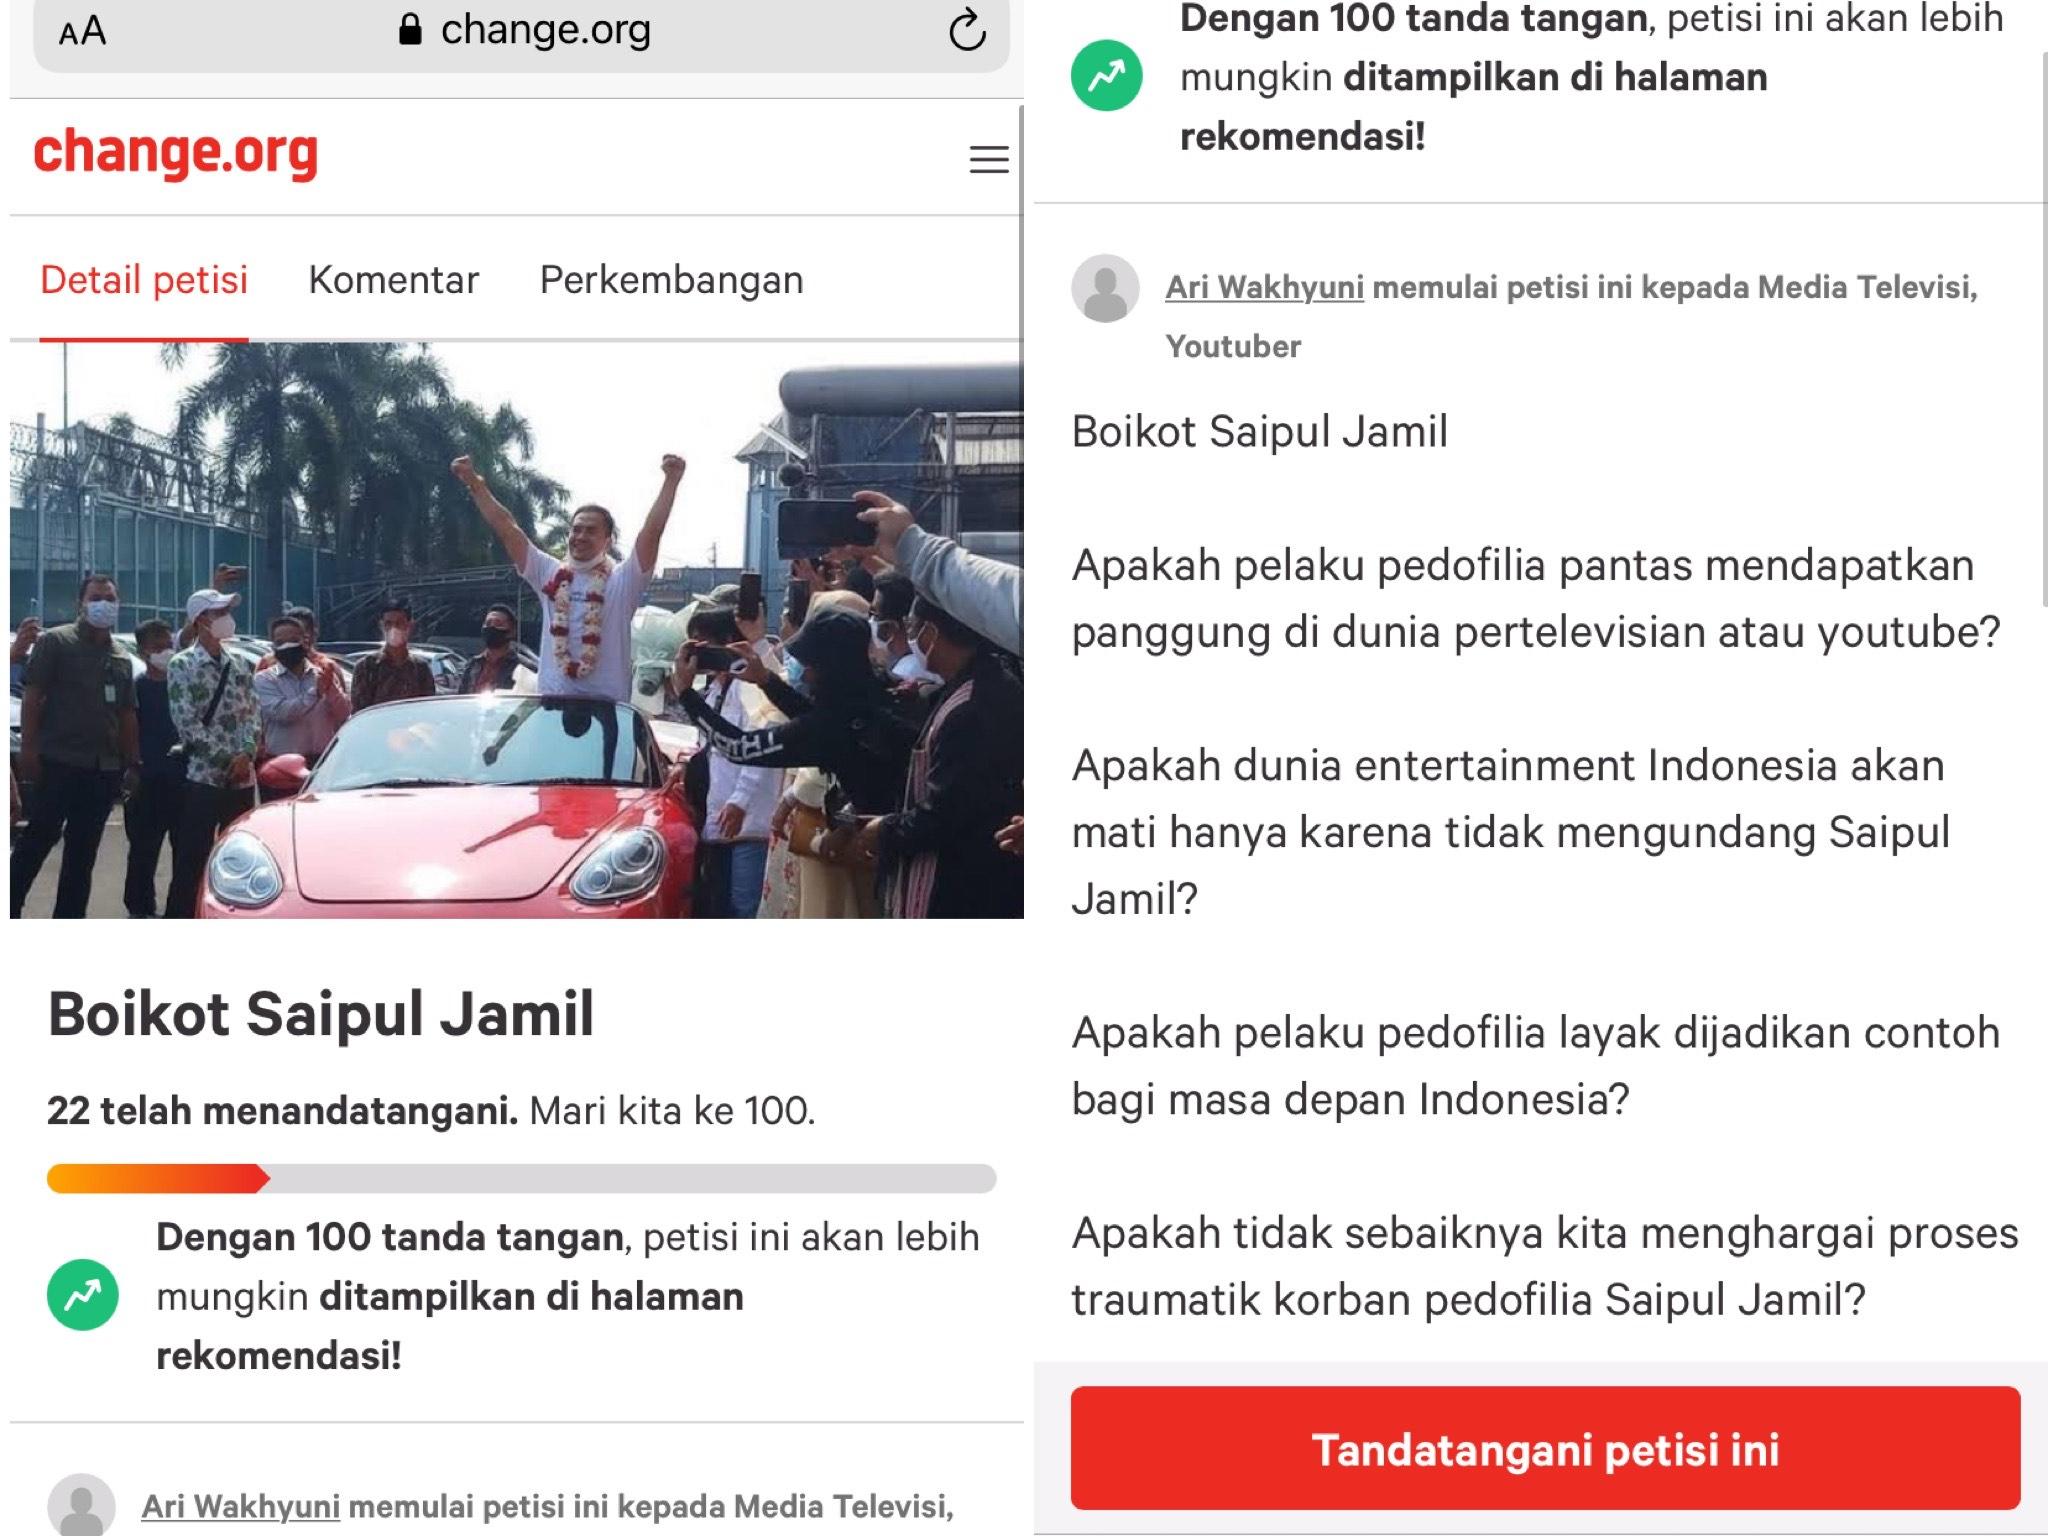 Petisi boikot Saipul Jamil di Change.ord